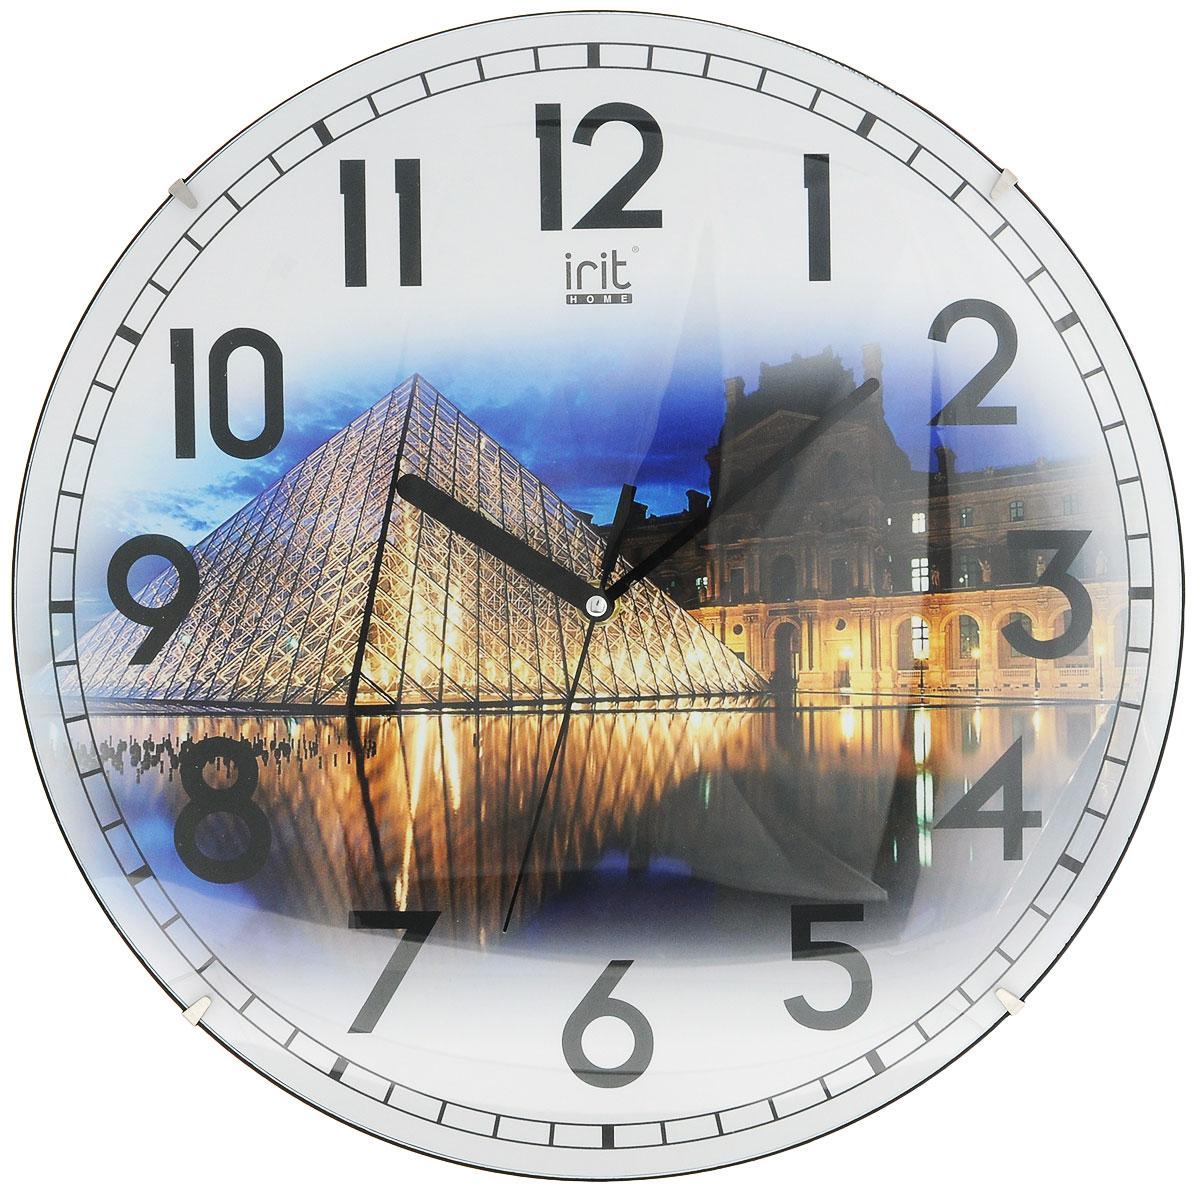 Irit IR-625 Европа Париж настенные часы7902214_ПарижНастенные часы Irit IR-625 Европа - это элегантный и неотъемлемый элемент дизайна любого помещения. Корпус кварцевых часов выполнен из качественного пластика, который гарантирует не только их легкость, но и практичность, легкий монтаж и уход. Циферблат данной модели оформлен стильным и красивым принтом. Диаметр часов: 35 см.